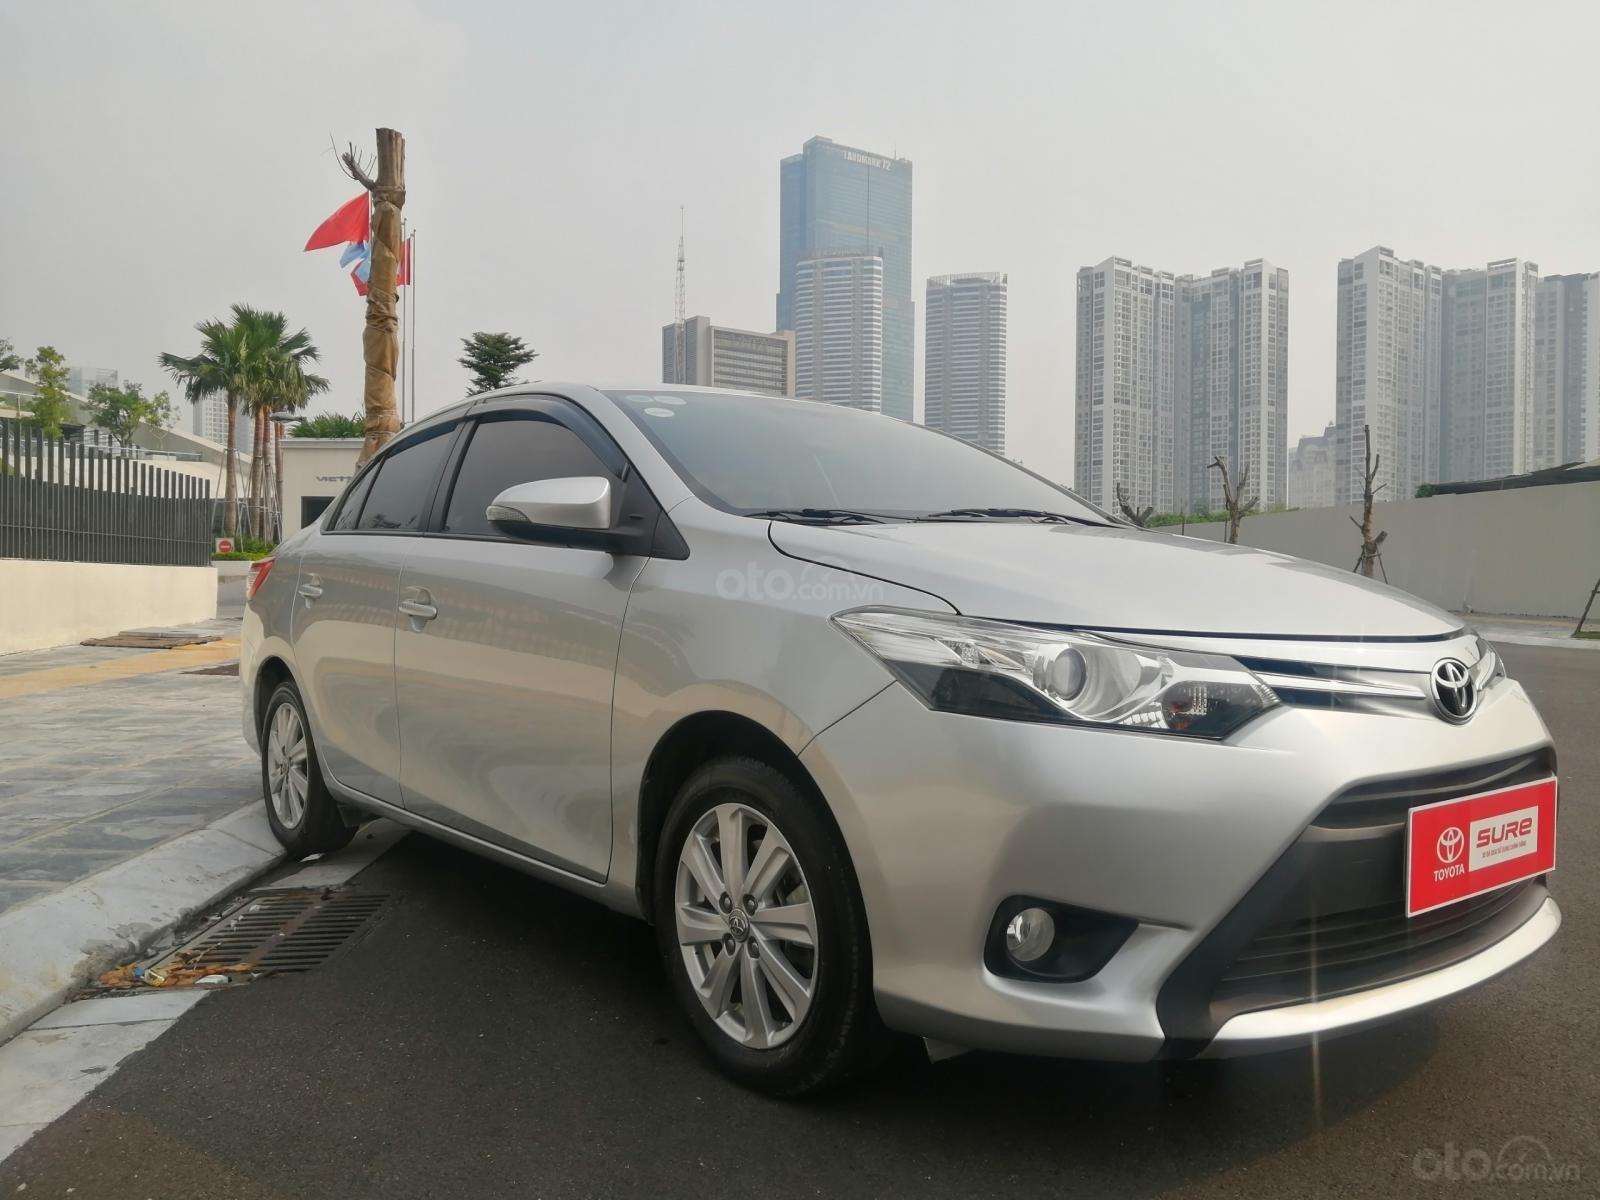 Toyota Mỹ Đình - trung tâm xe đã qua sử dụng - cần bán Toyota Vios đời 2014, 419tr (2)